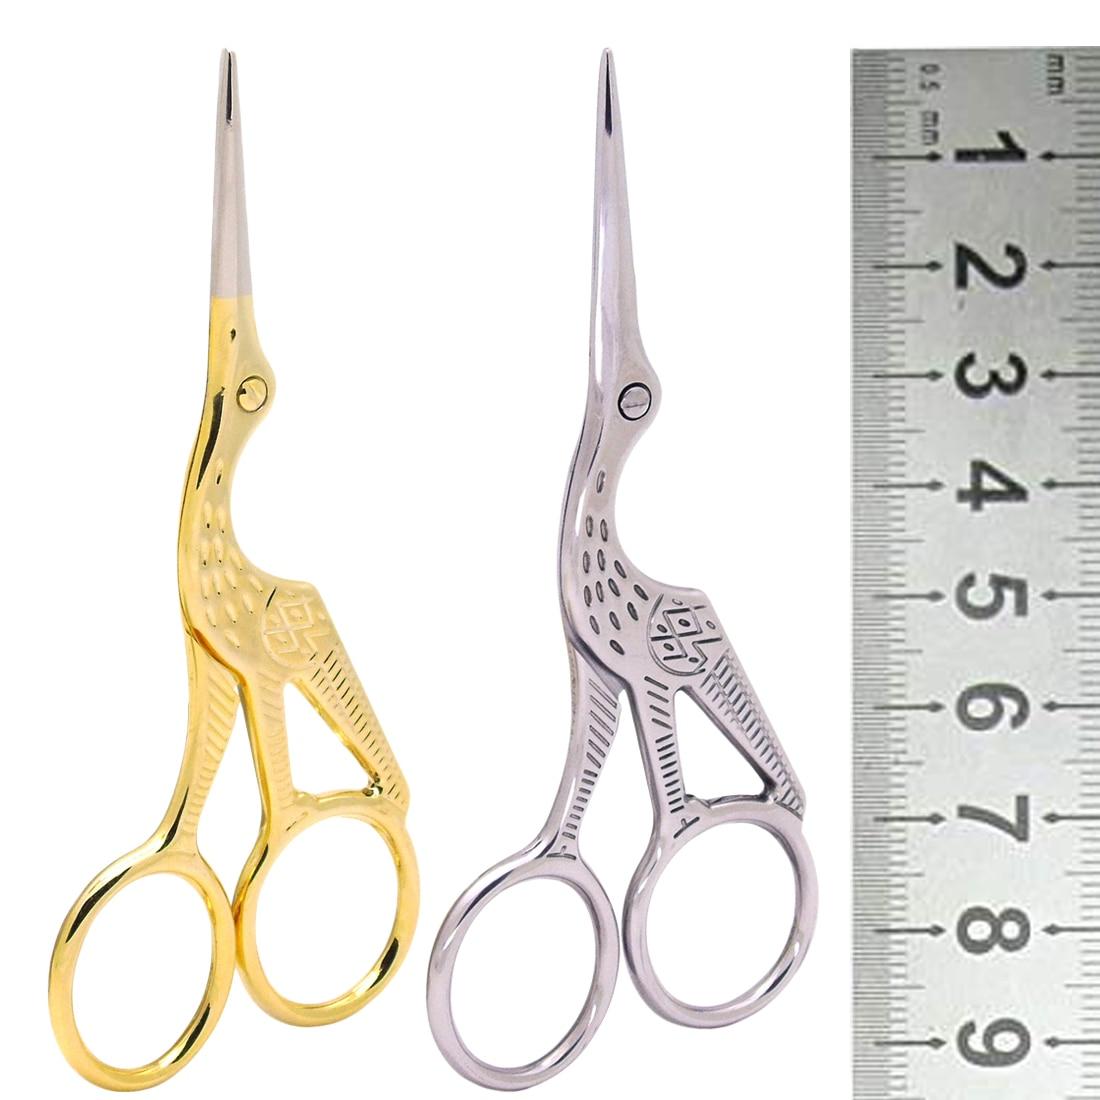 Ручные инструменты кран портновские ножницы вышивки крестом Европейский ретро классический винтаж Craft золото Вышивание ремесленных DIY товары для дома